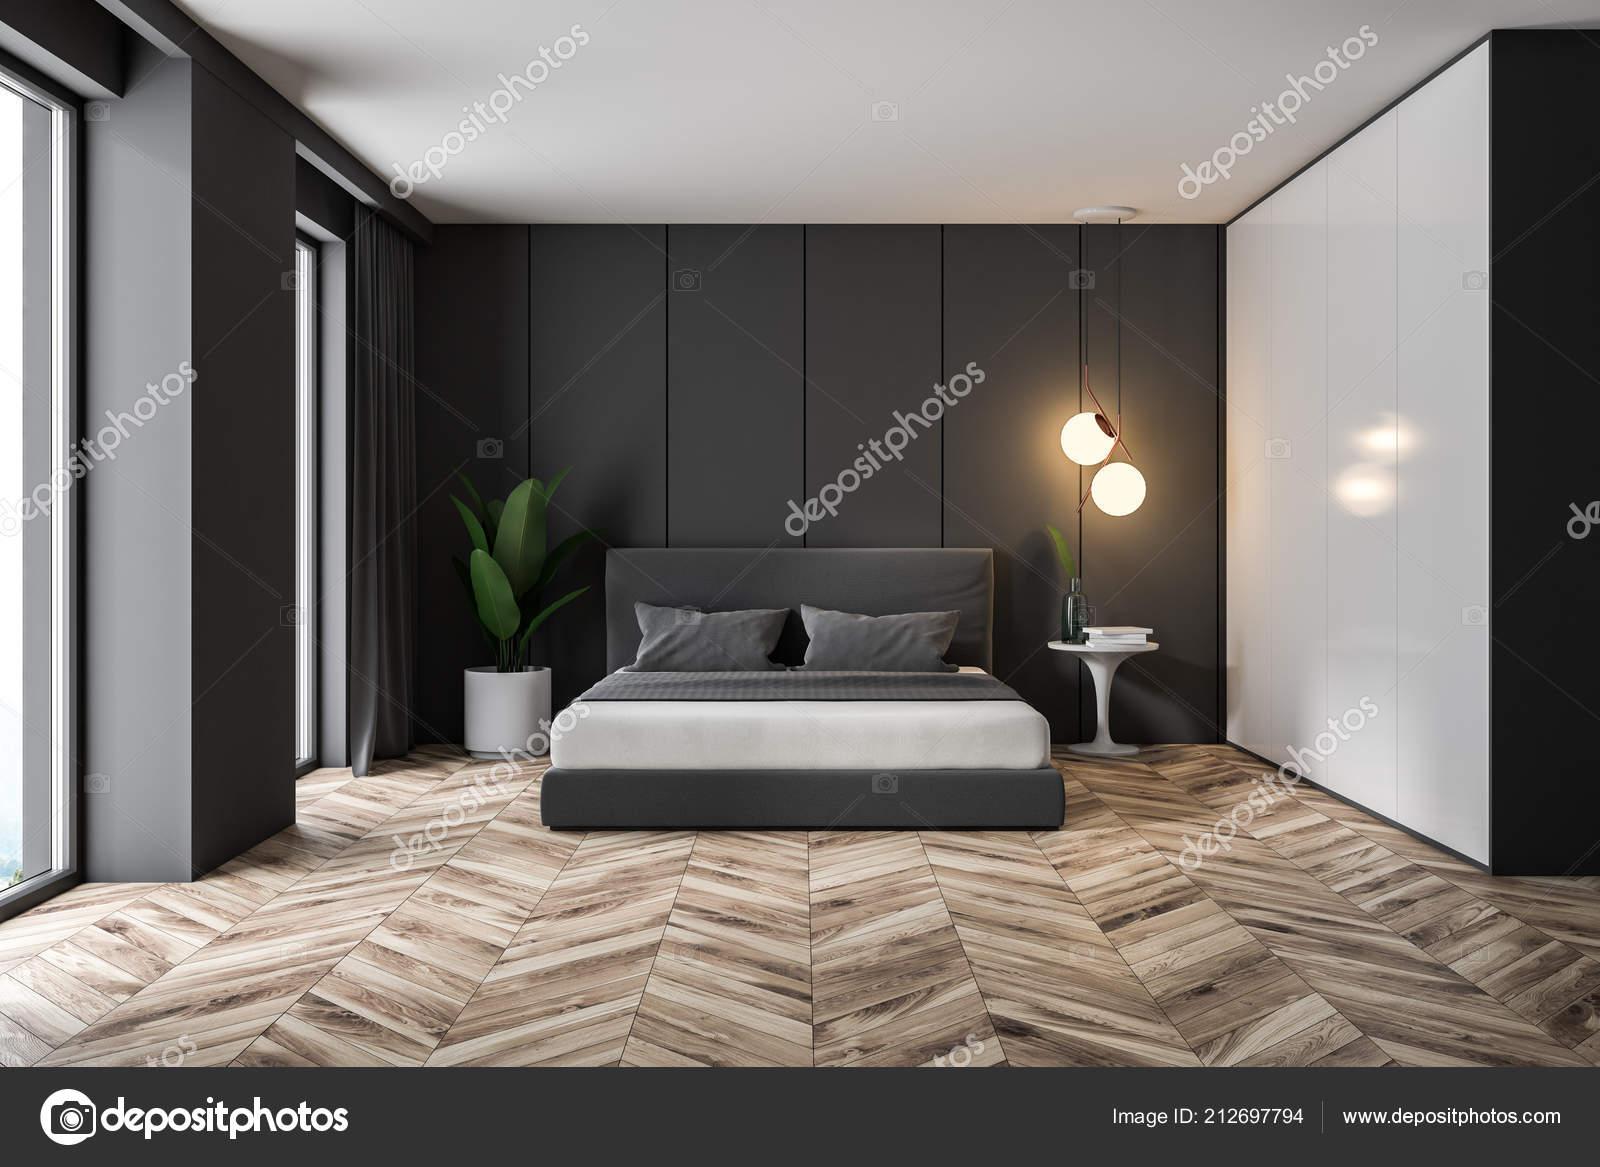 Holzfußboden Schlafzimmer ~ Innere des luxus loft schlafzimmer mit grauen panel wände